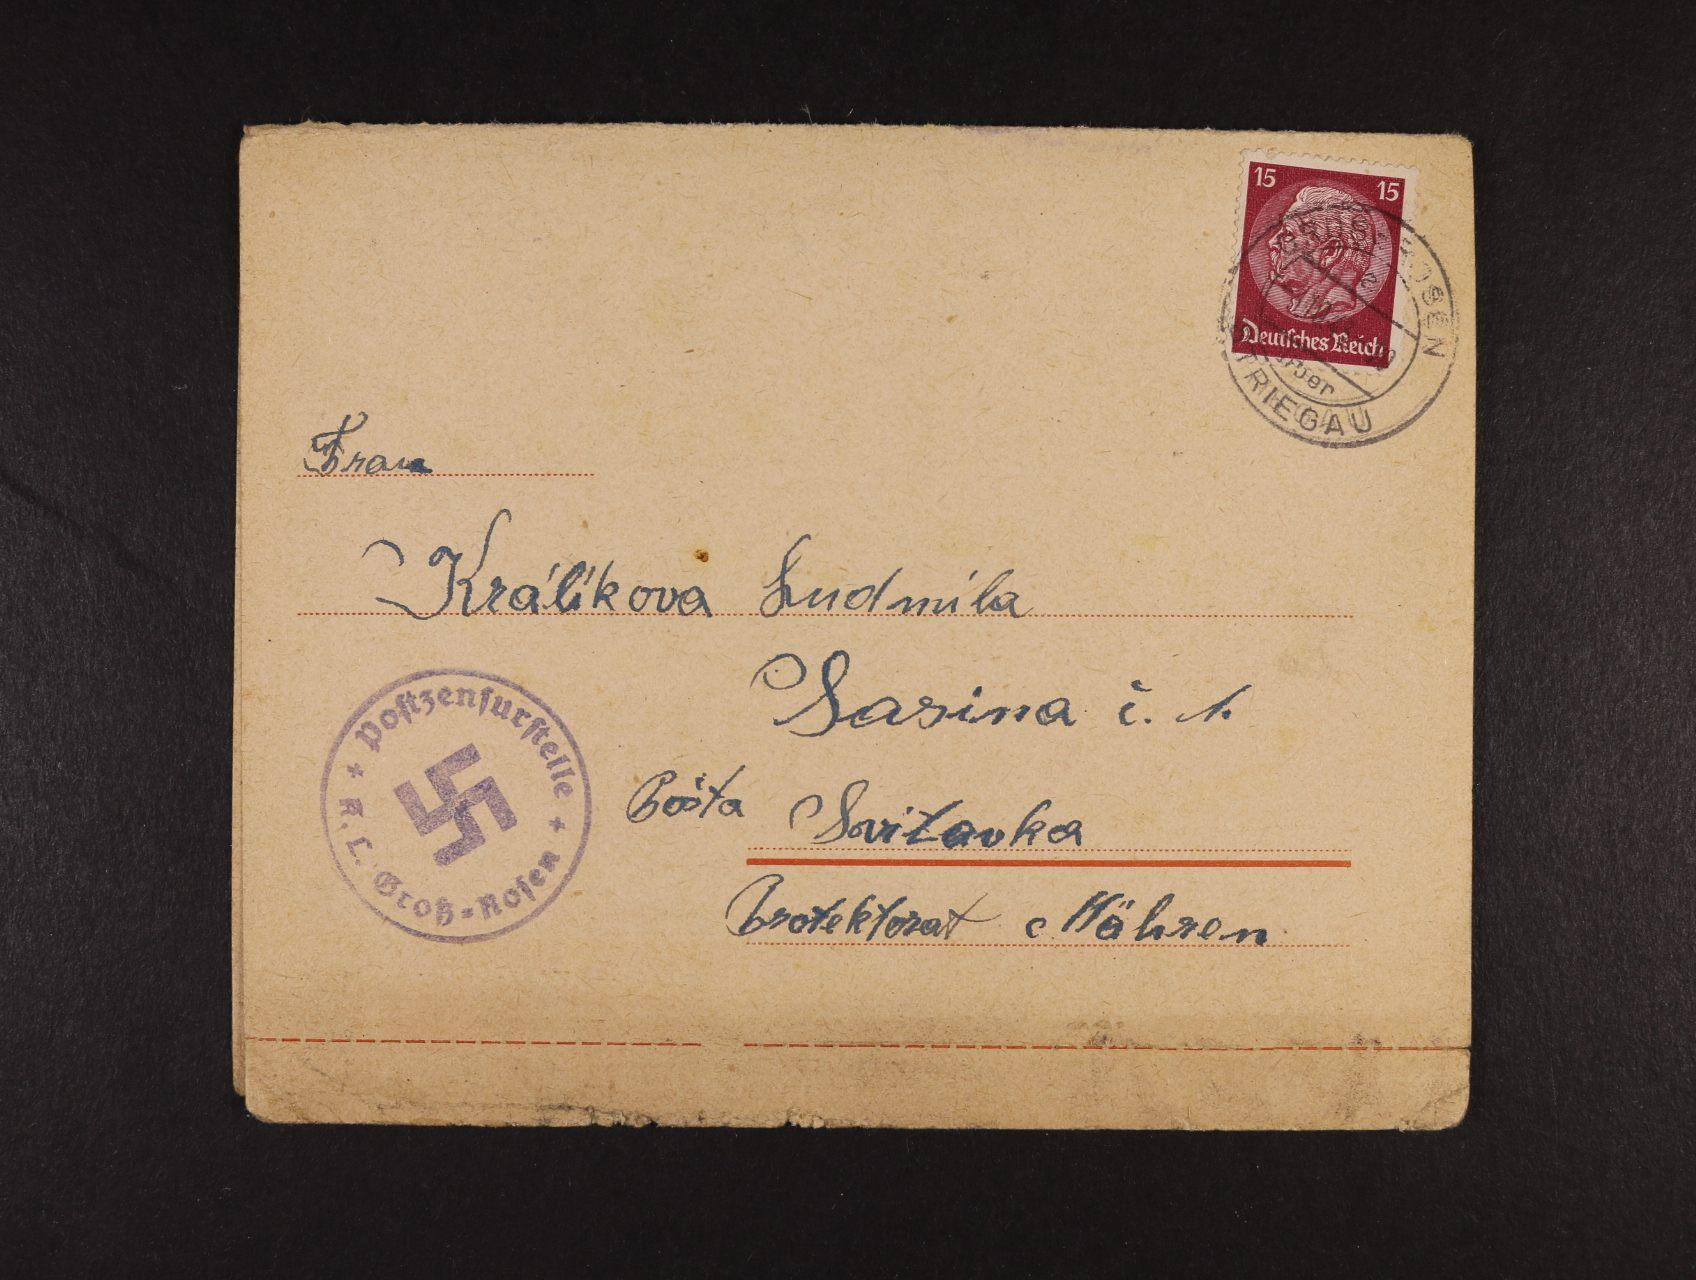 Grossrosen - kompl. předtištěná zálepka frank. zn. 15pf Hindenburg, pod. raz. GROSSROSEN 3.10.43 + černomodré cenzurní raz.